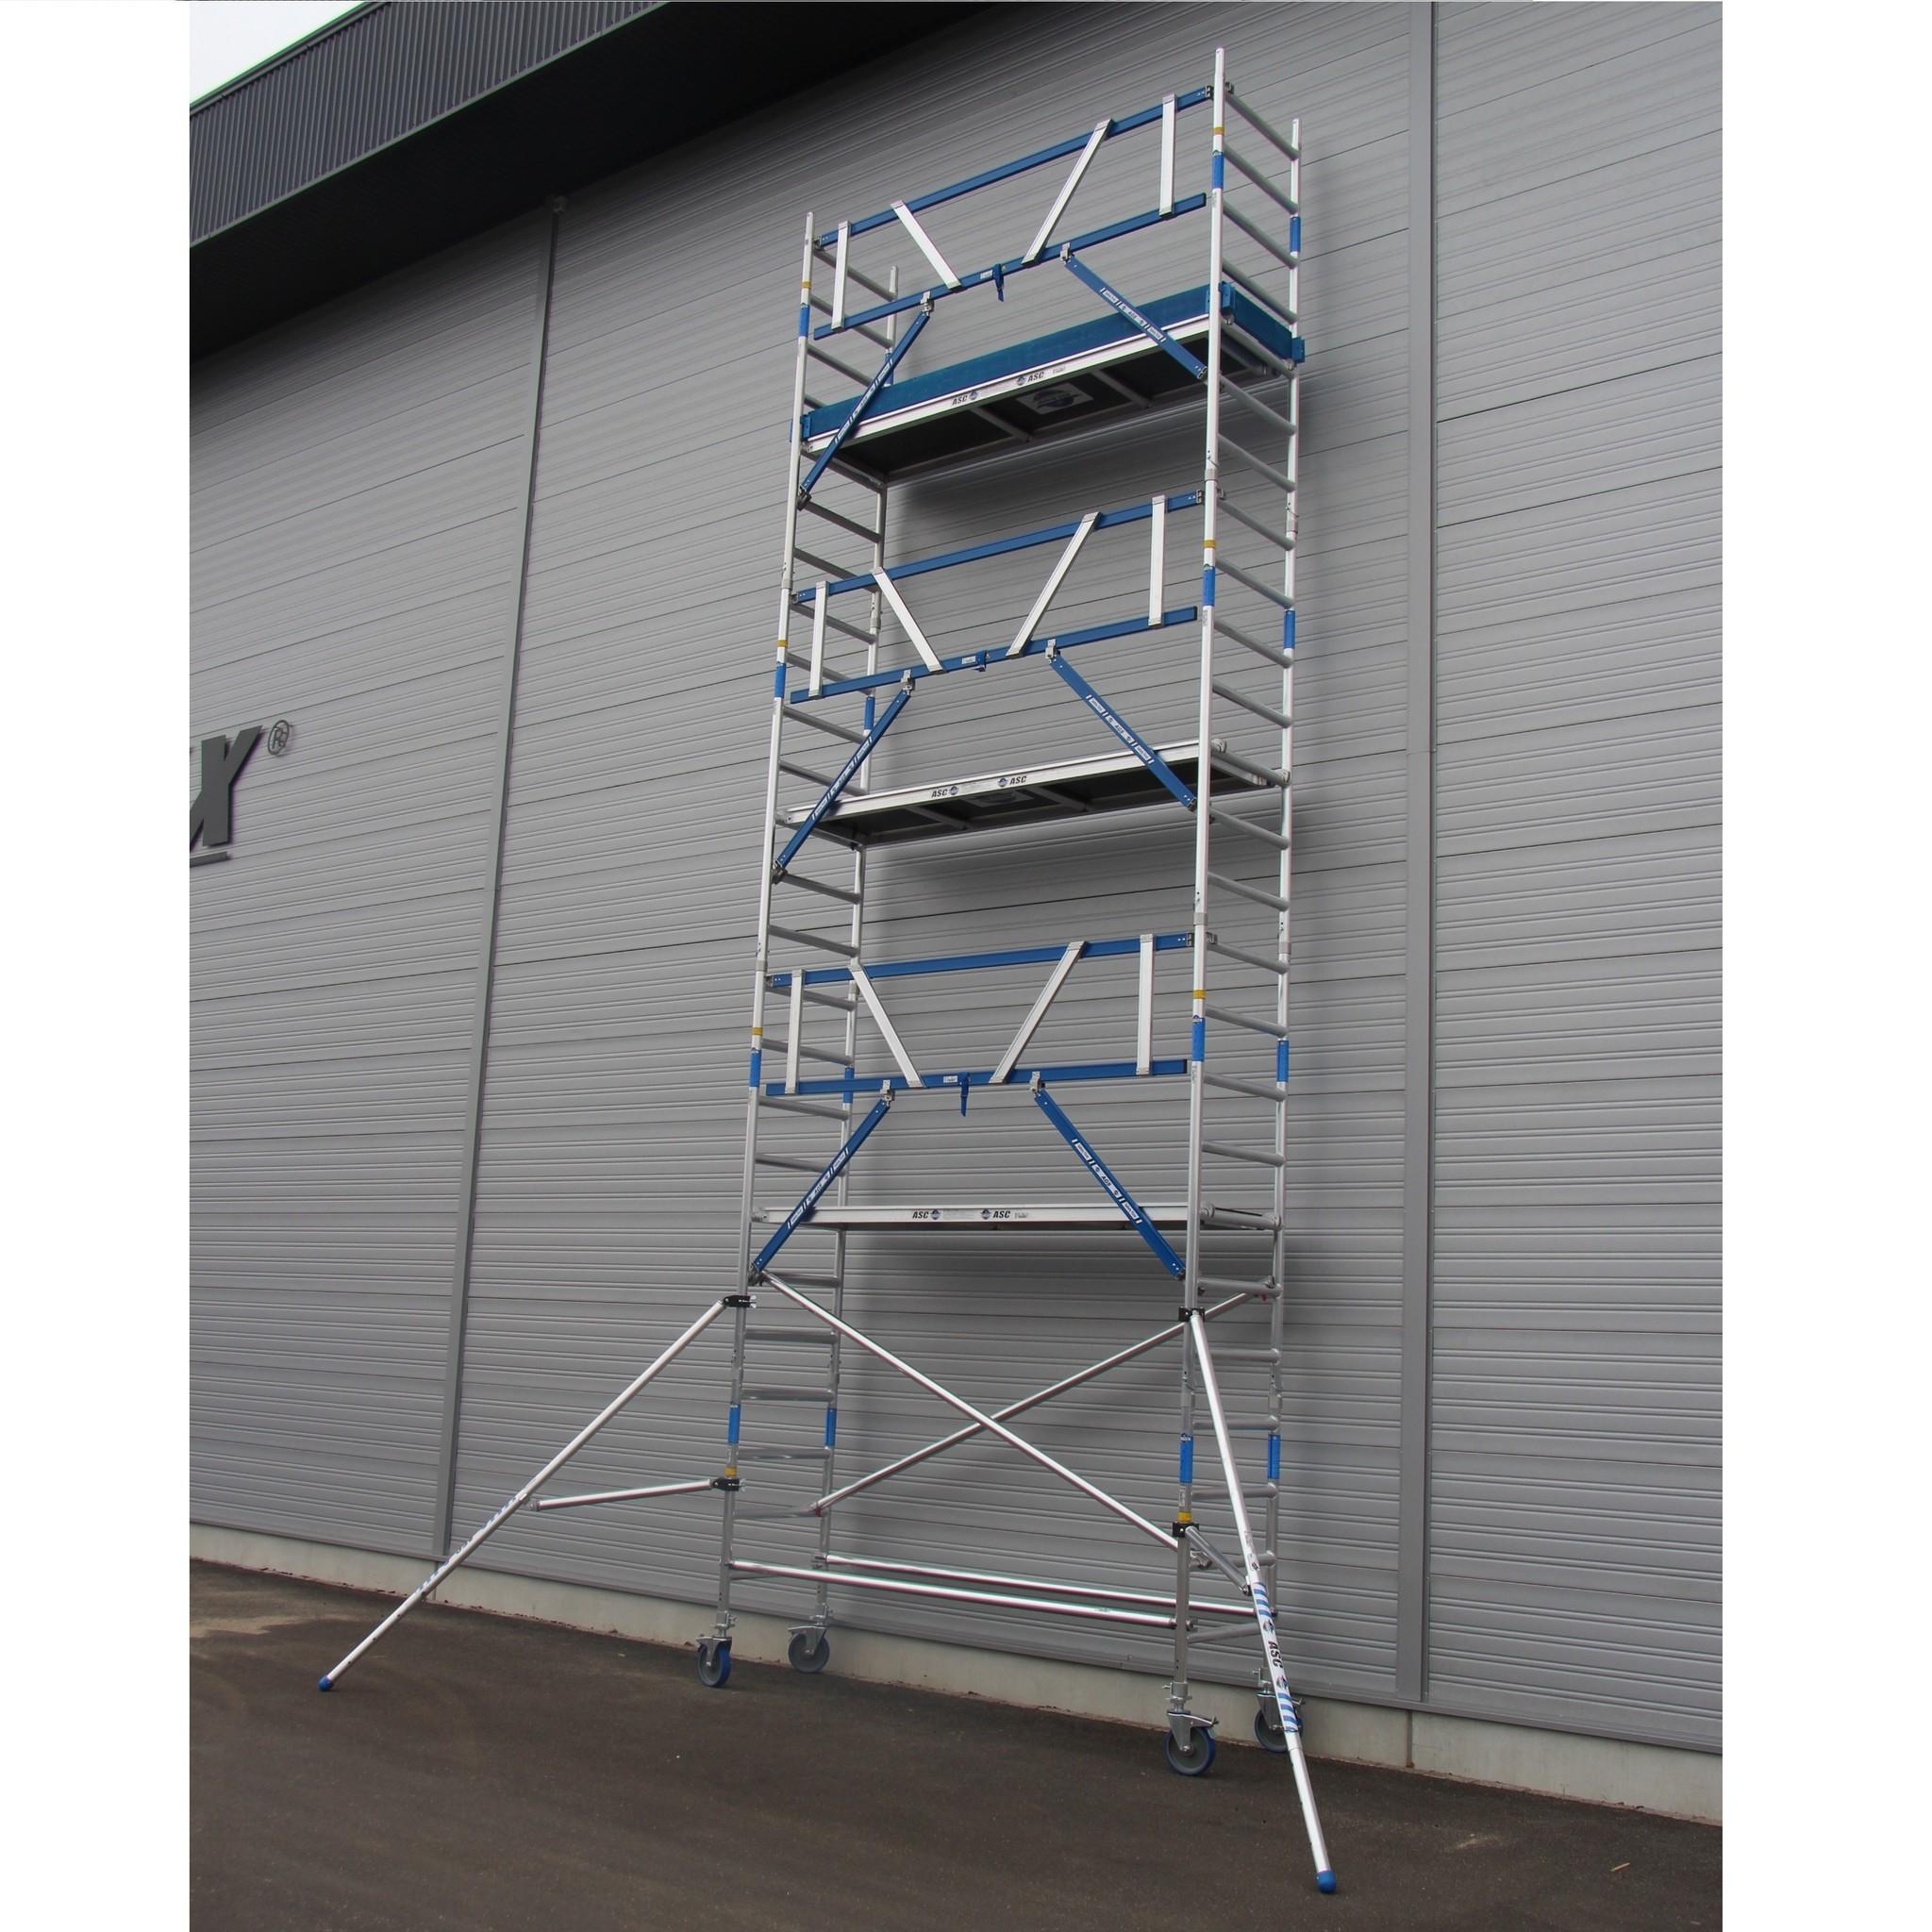 ASC Rollgerüst mit Montageschutzgeländer 75-250 x 8,2 m Arbeitshöhe